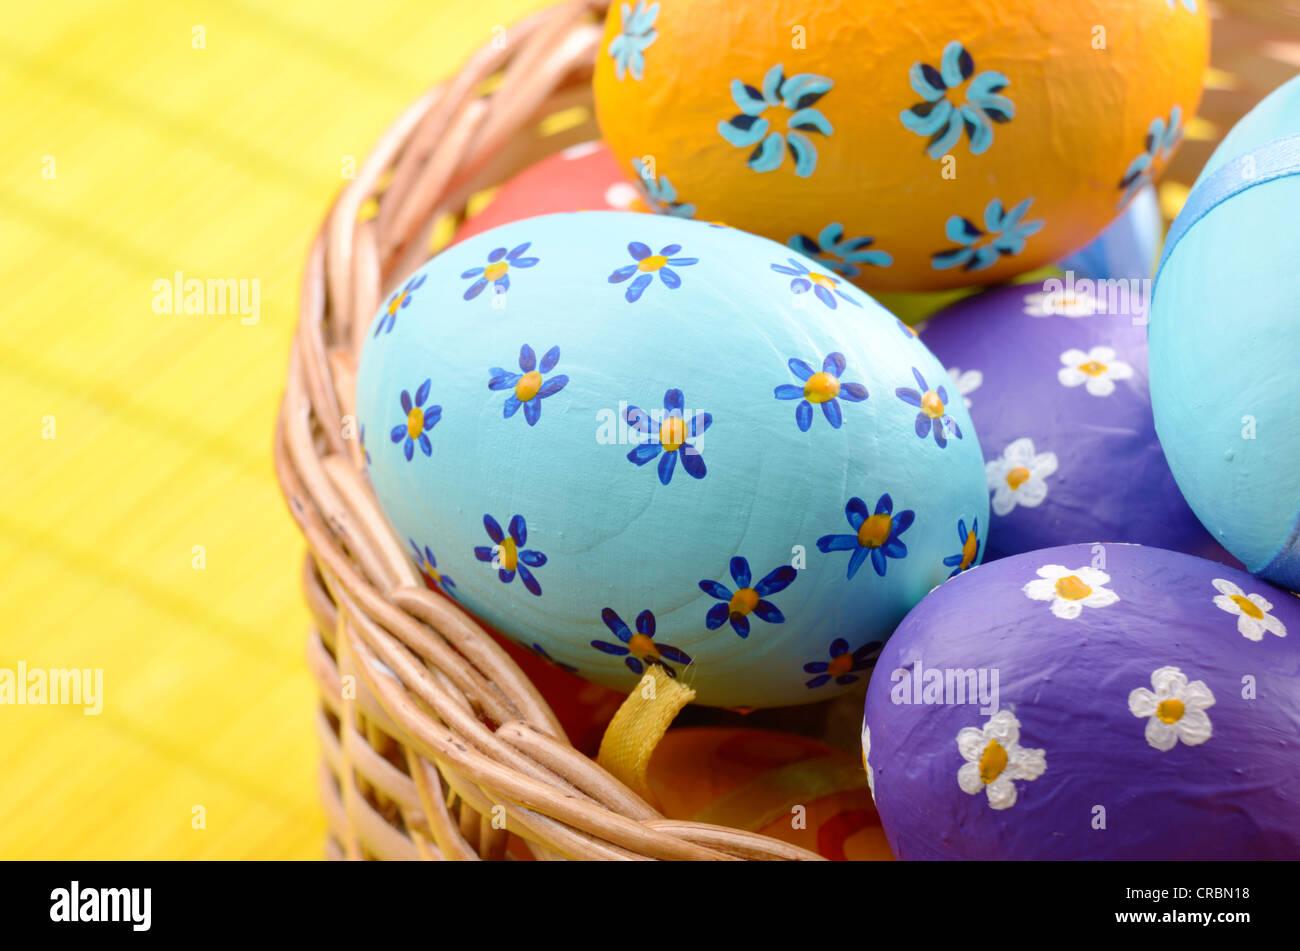 ostern korb dekoriert mit eier stockfoto bild 48815796. Black Bedroom Furniture Sets. Home Design Ideas